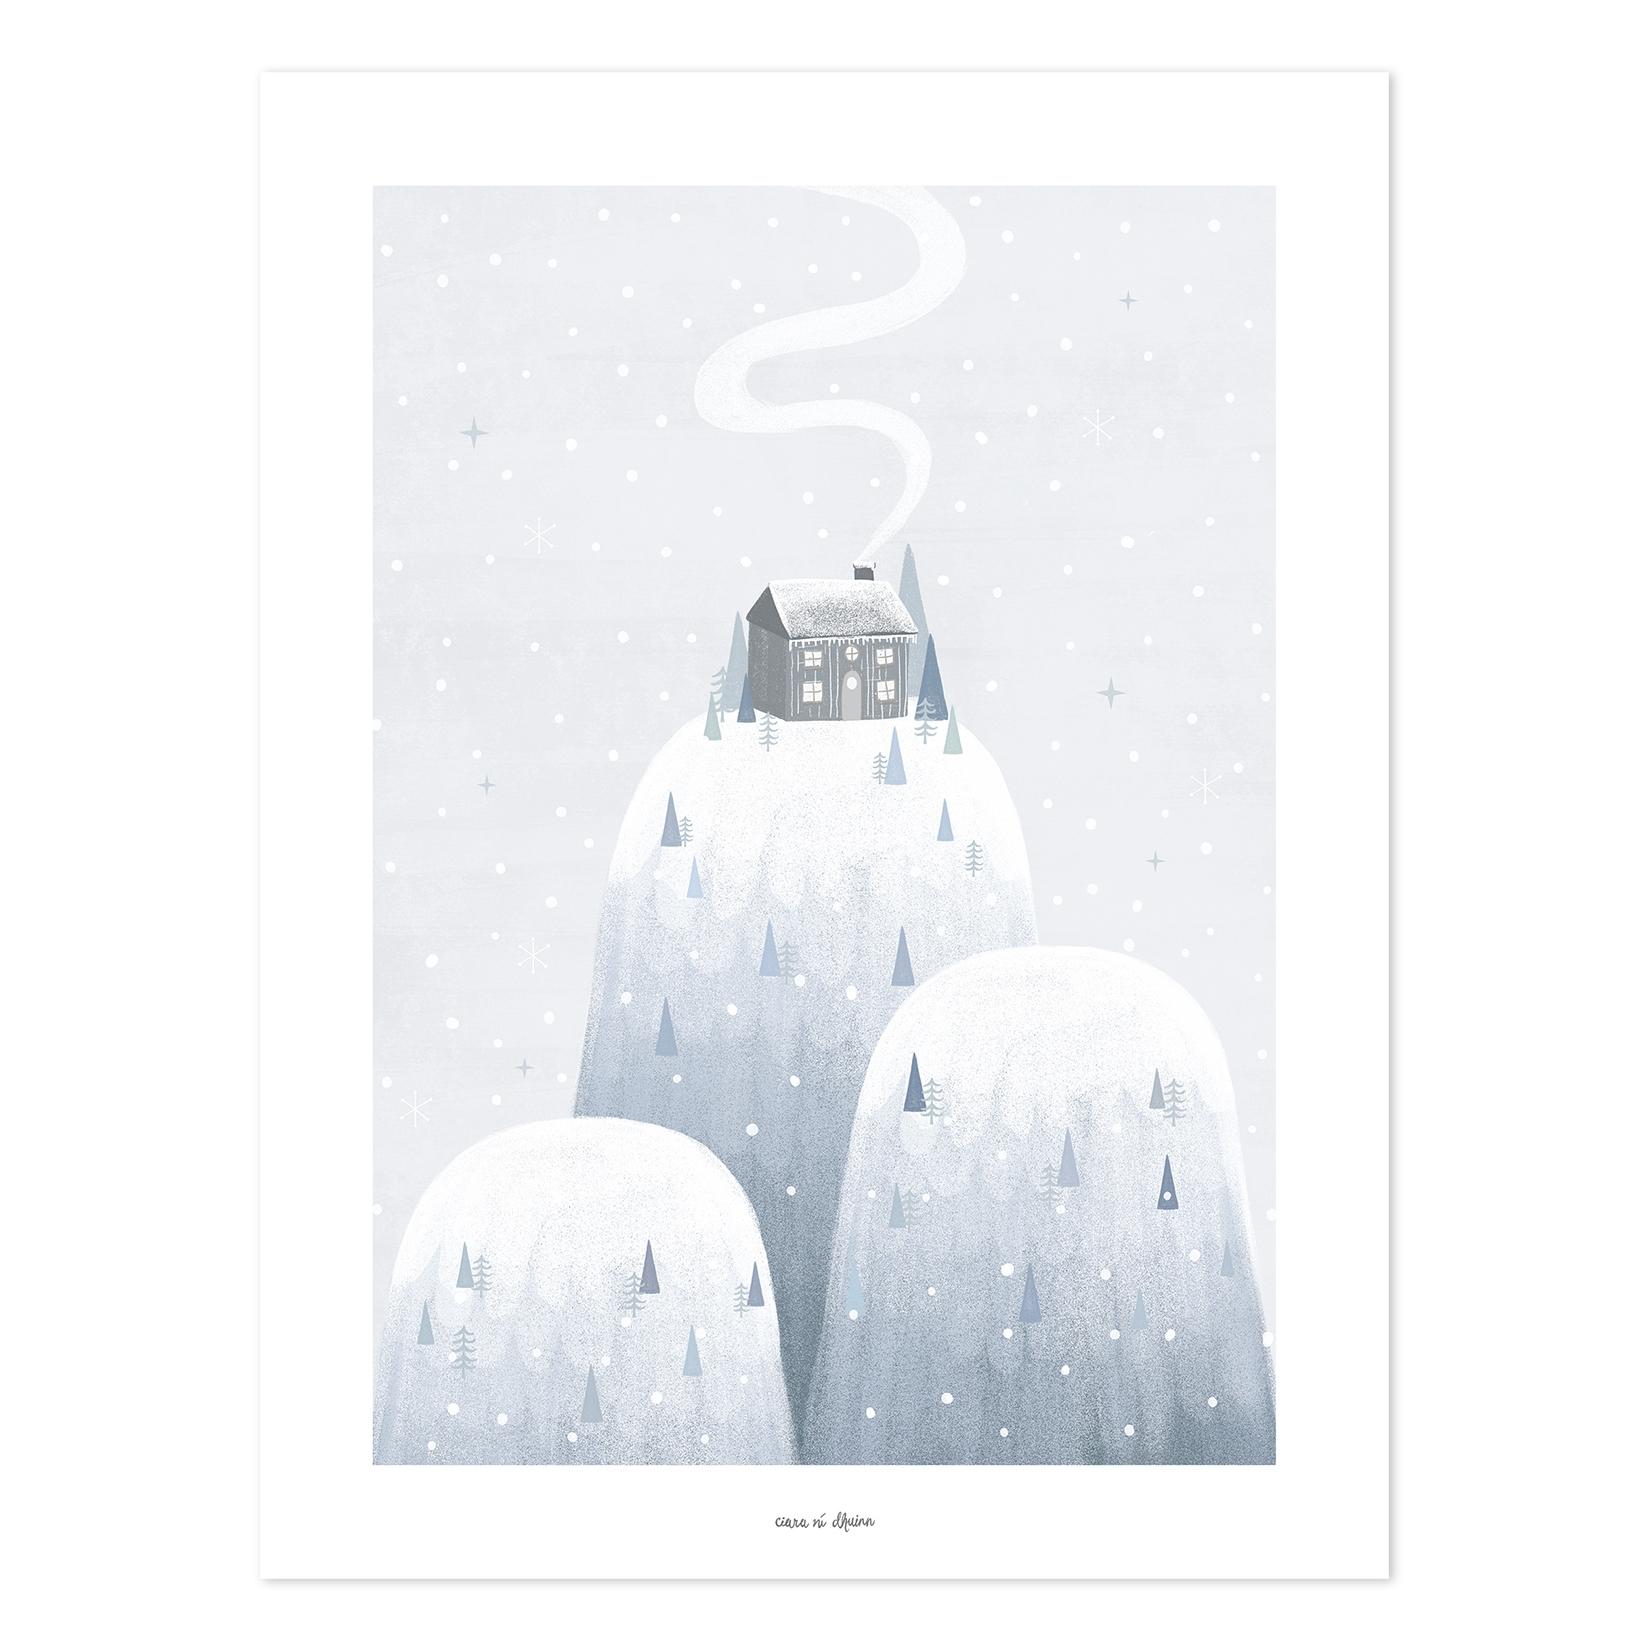 Full Size of Bild Kinderzimmer Lilipinso Poster Arctic Berge Grau Blau 30x40cm Bei Sofa Wohnzimmer Bilder Xxl Großes Regal Glasbilder Küche Wandbild Moderne Fürs Kinderzimmer Bild Kinderzimmer